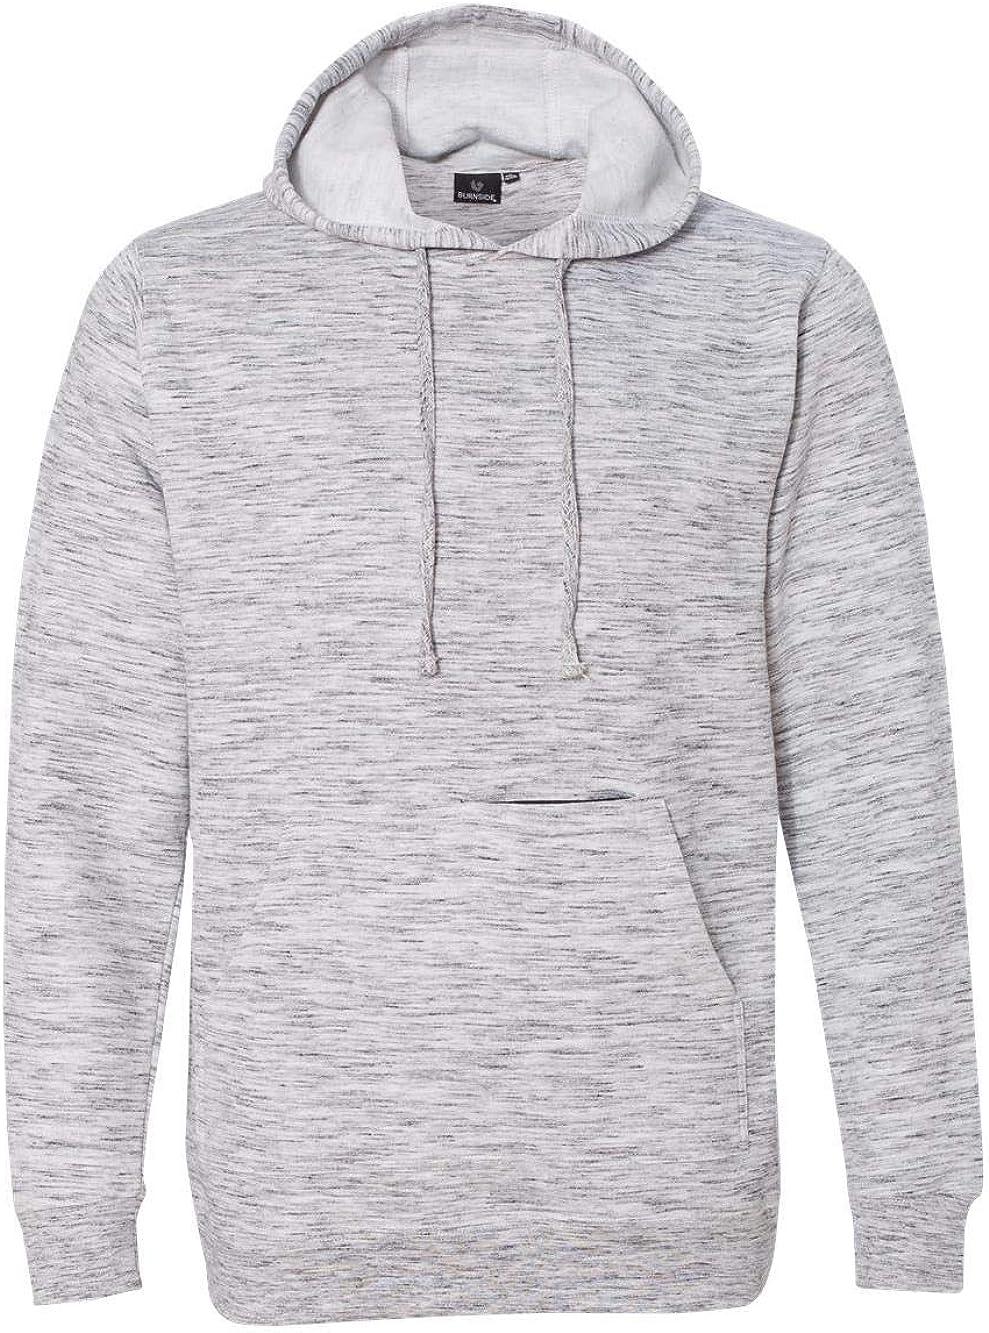 B8609 Burnside Injected Yarn Dyed Fleece Hooded Pullover Sweatshirt